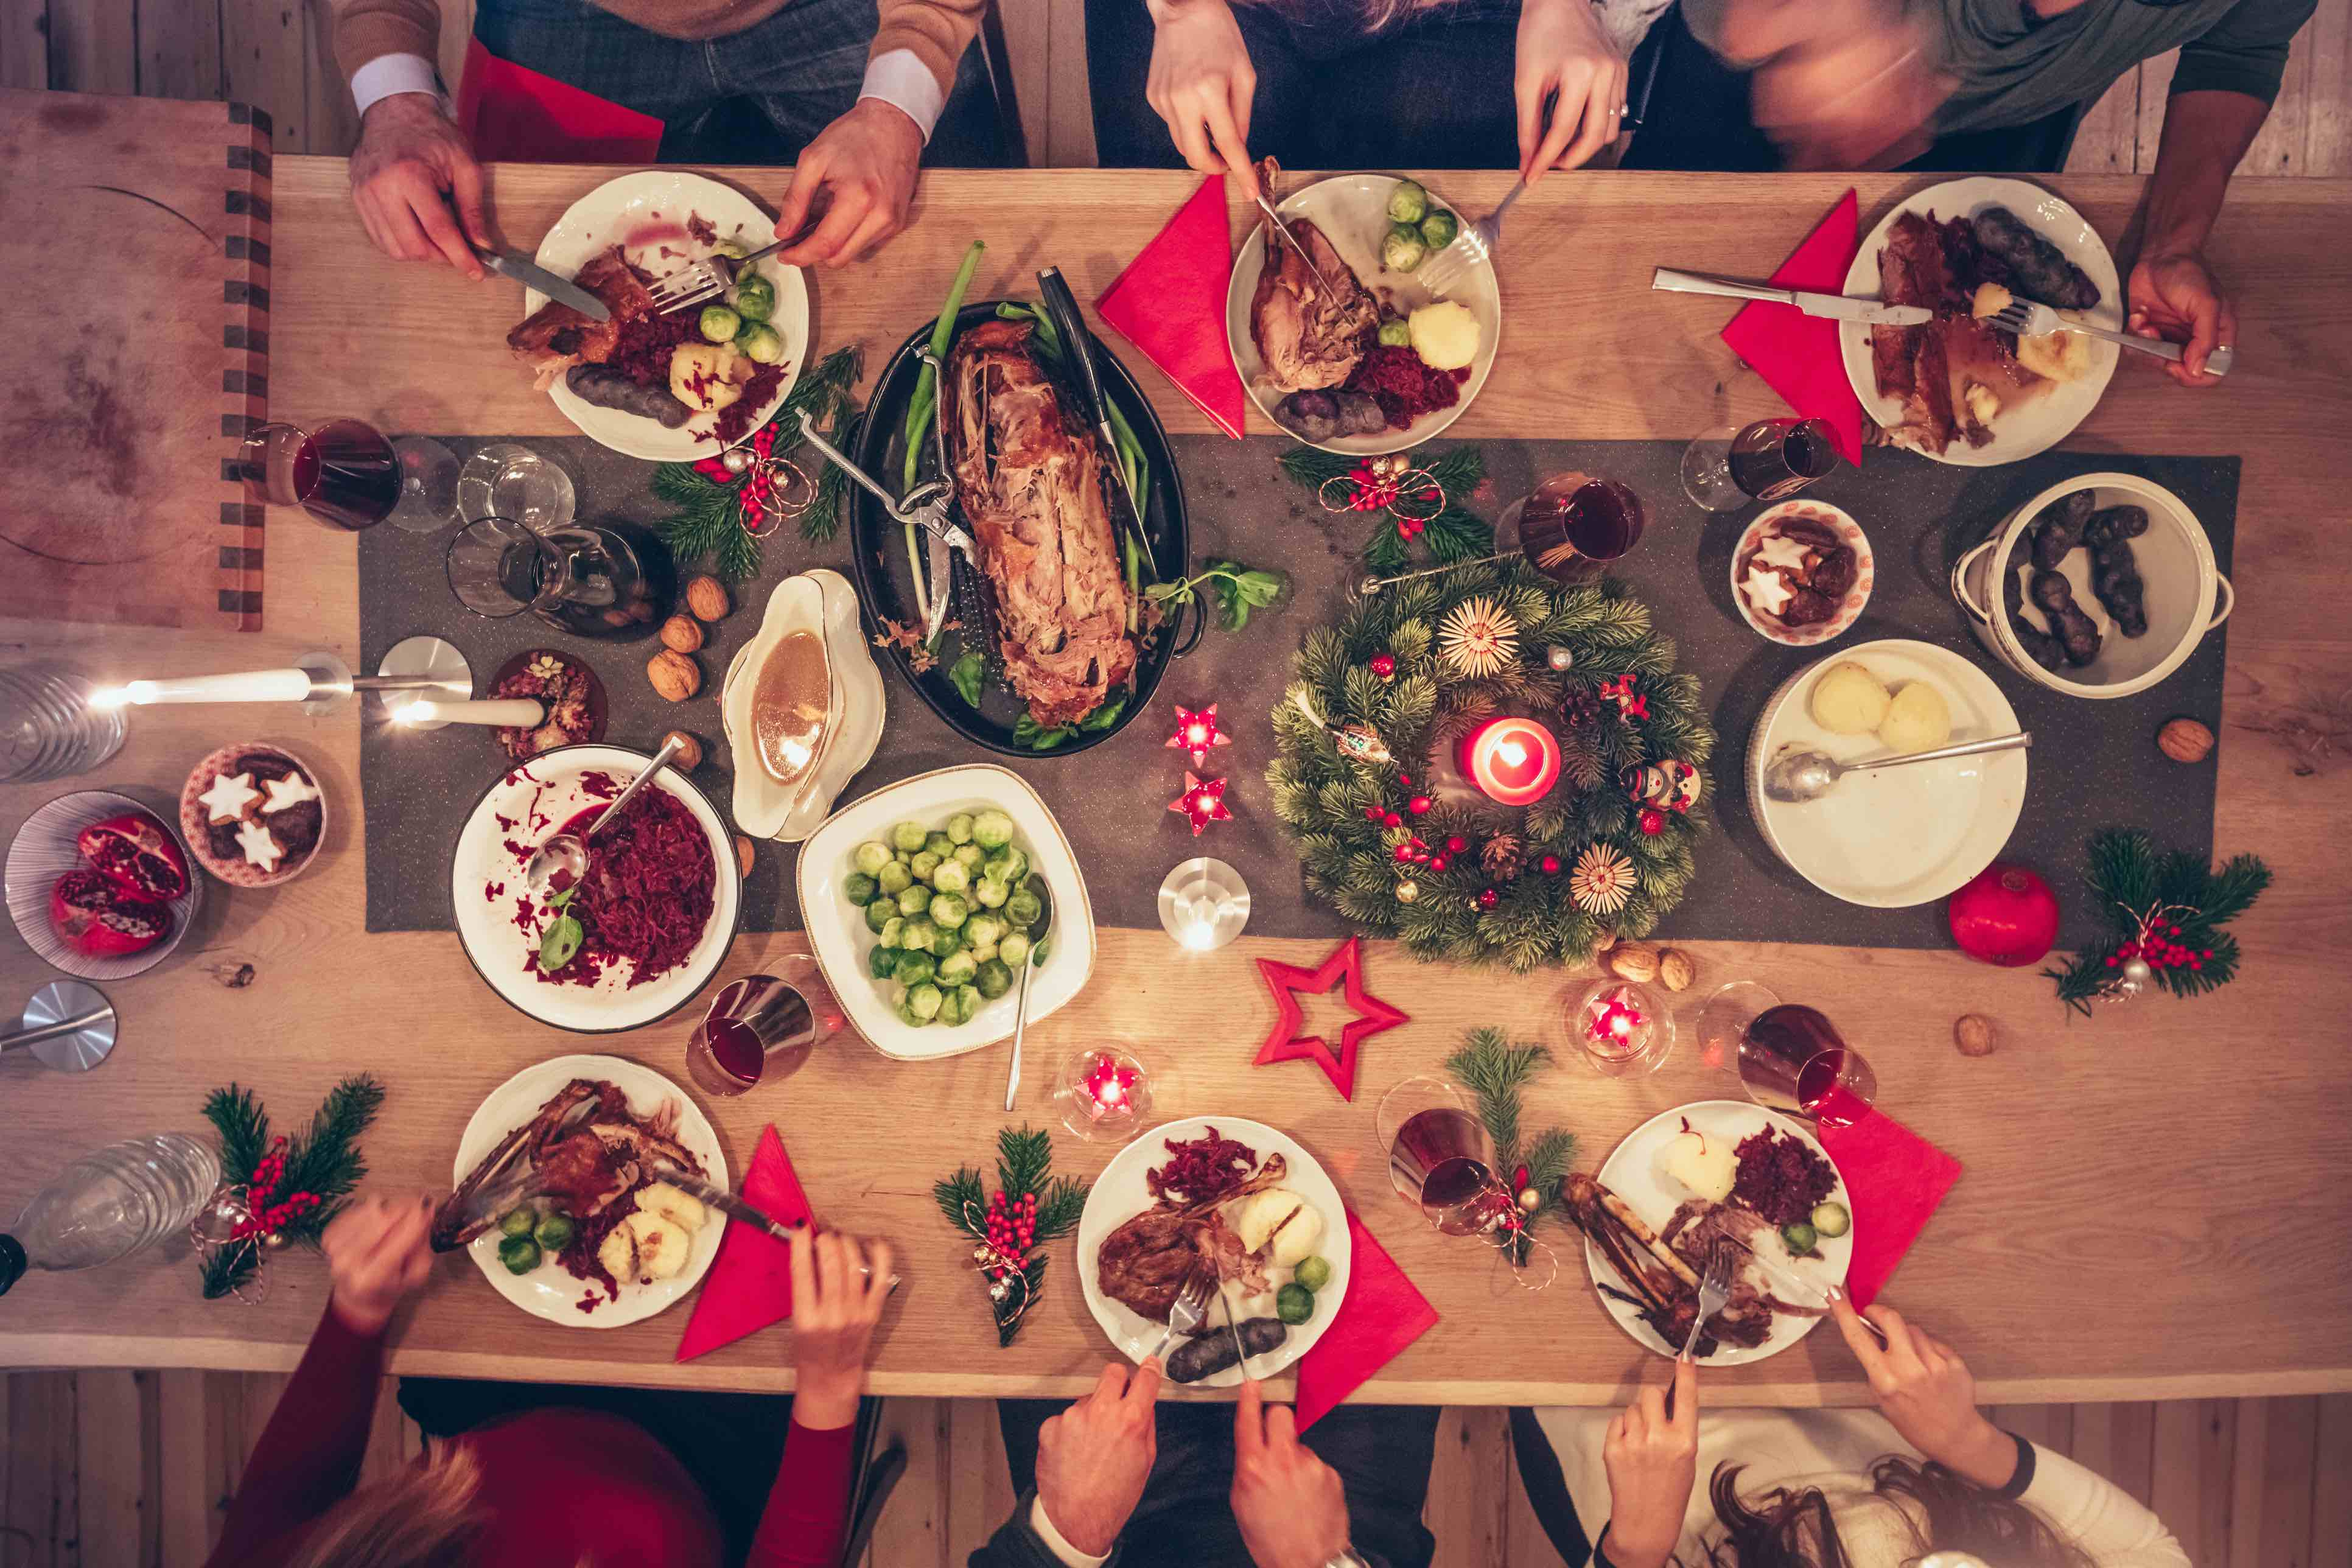 Bilder Weihnachtsessen.Traditionelle Weihnachtsessen In Europa Strasser Steine